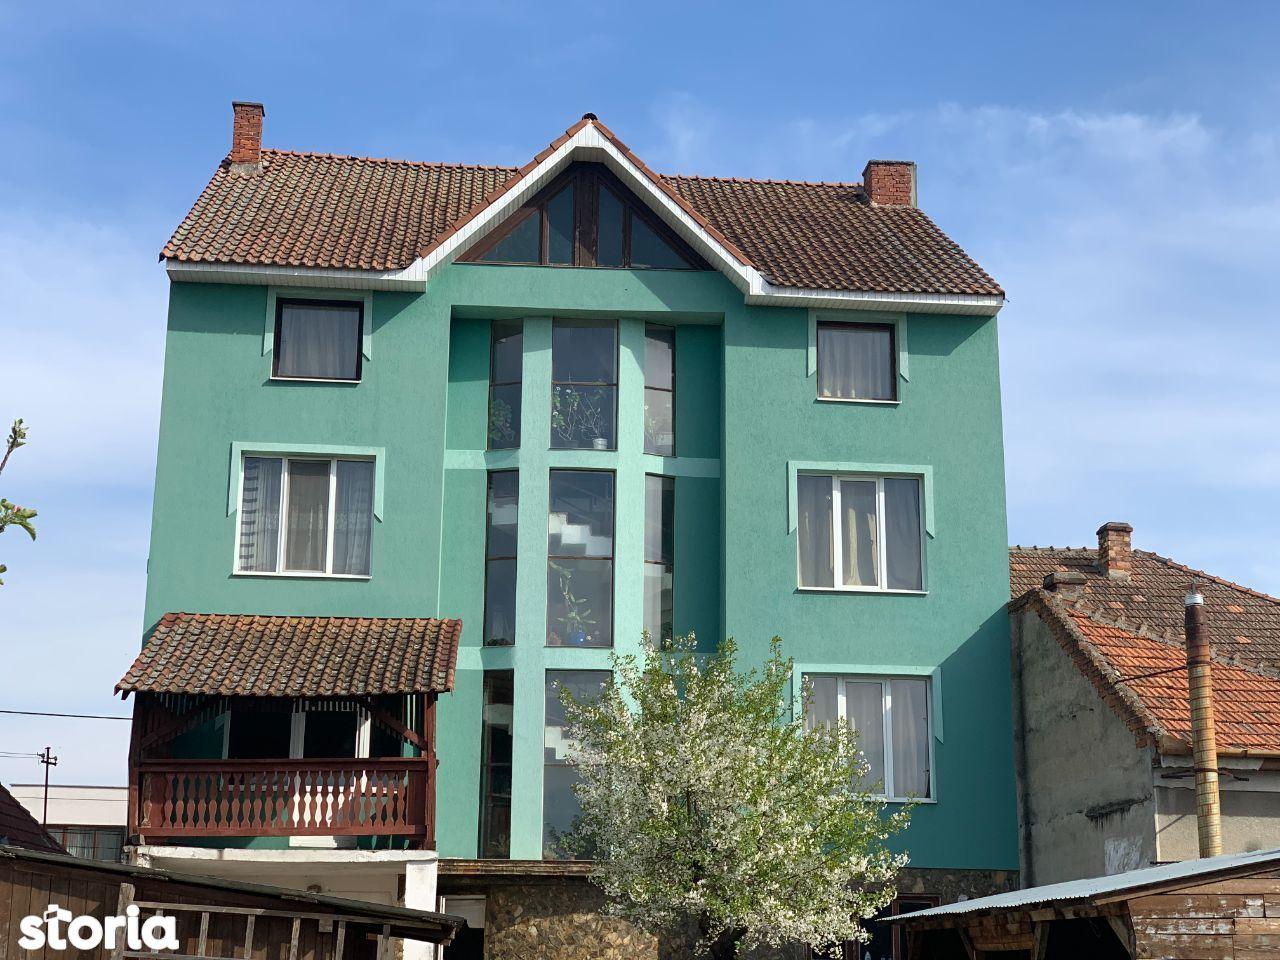 Vanzare casa, Zona Dorobantilor Oradea,494 mp,teren,425 mp utili,